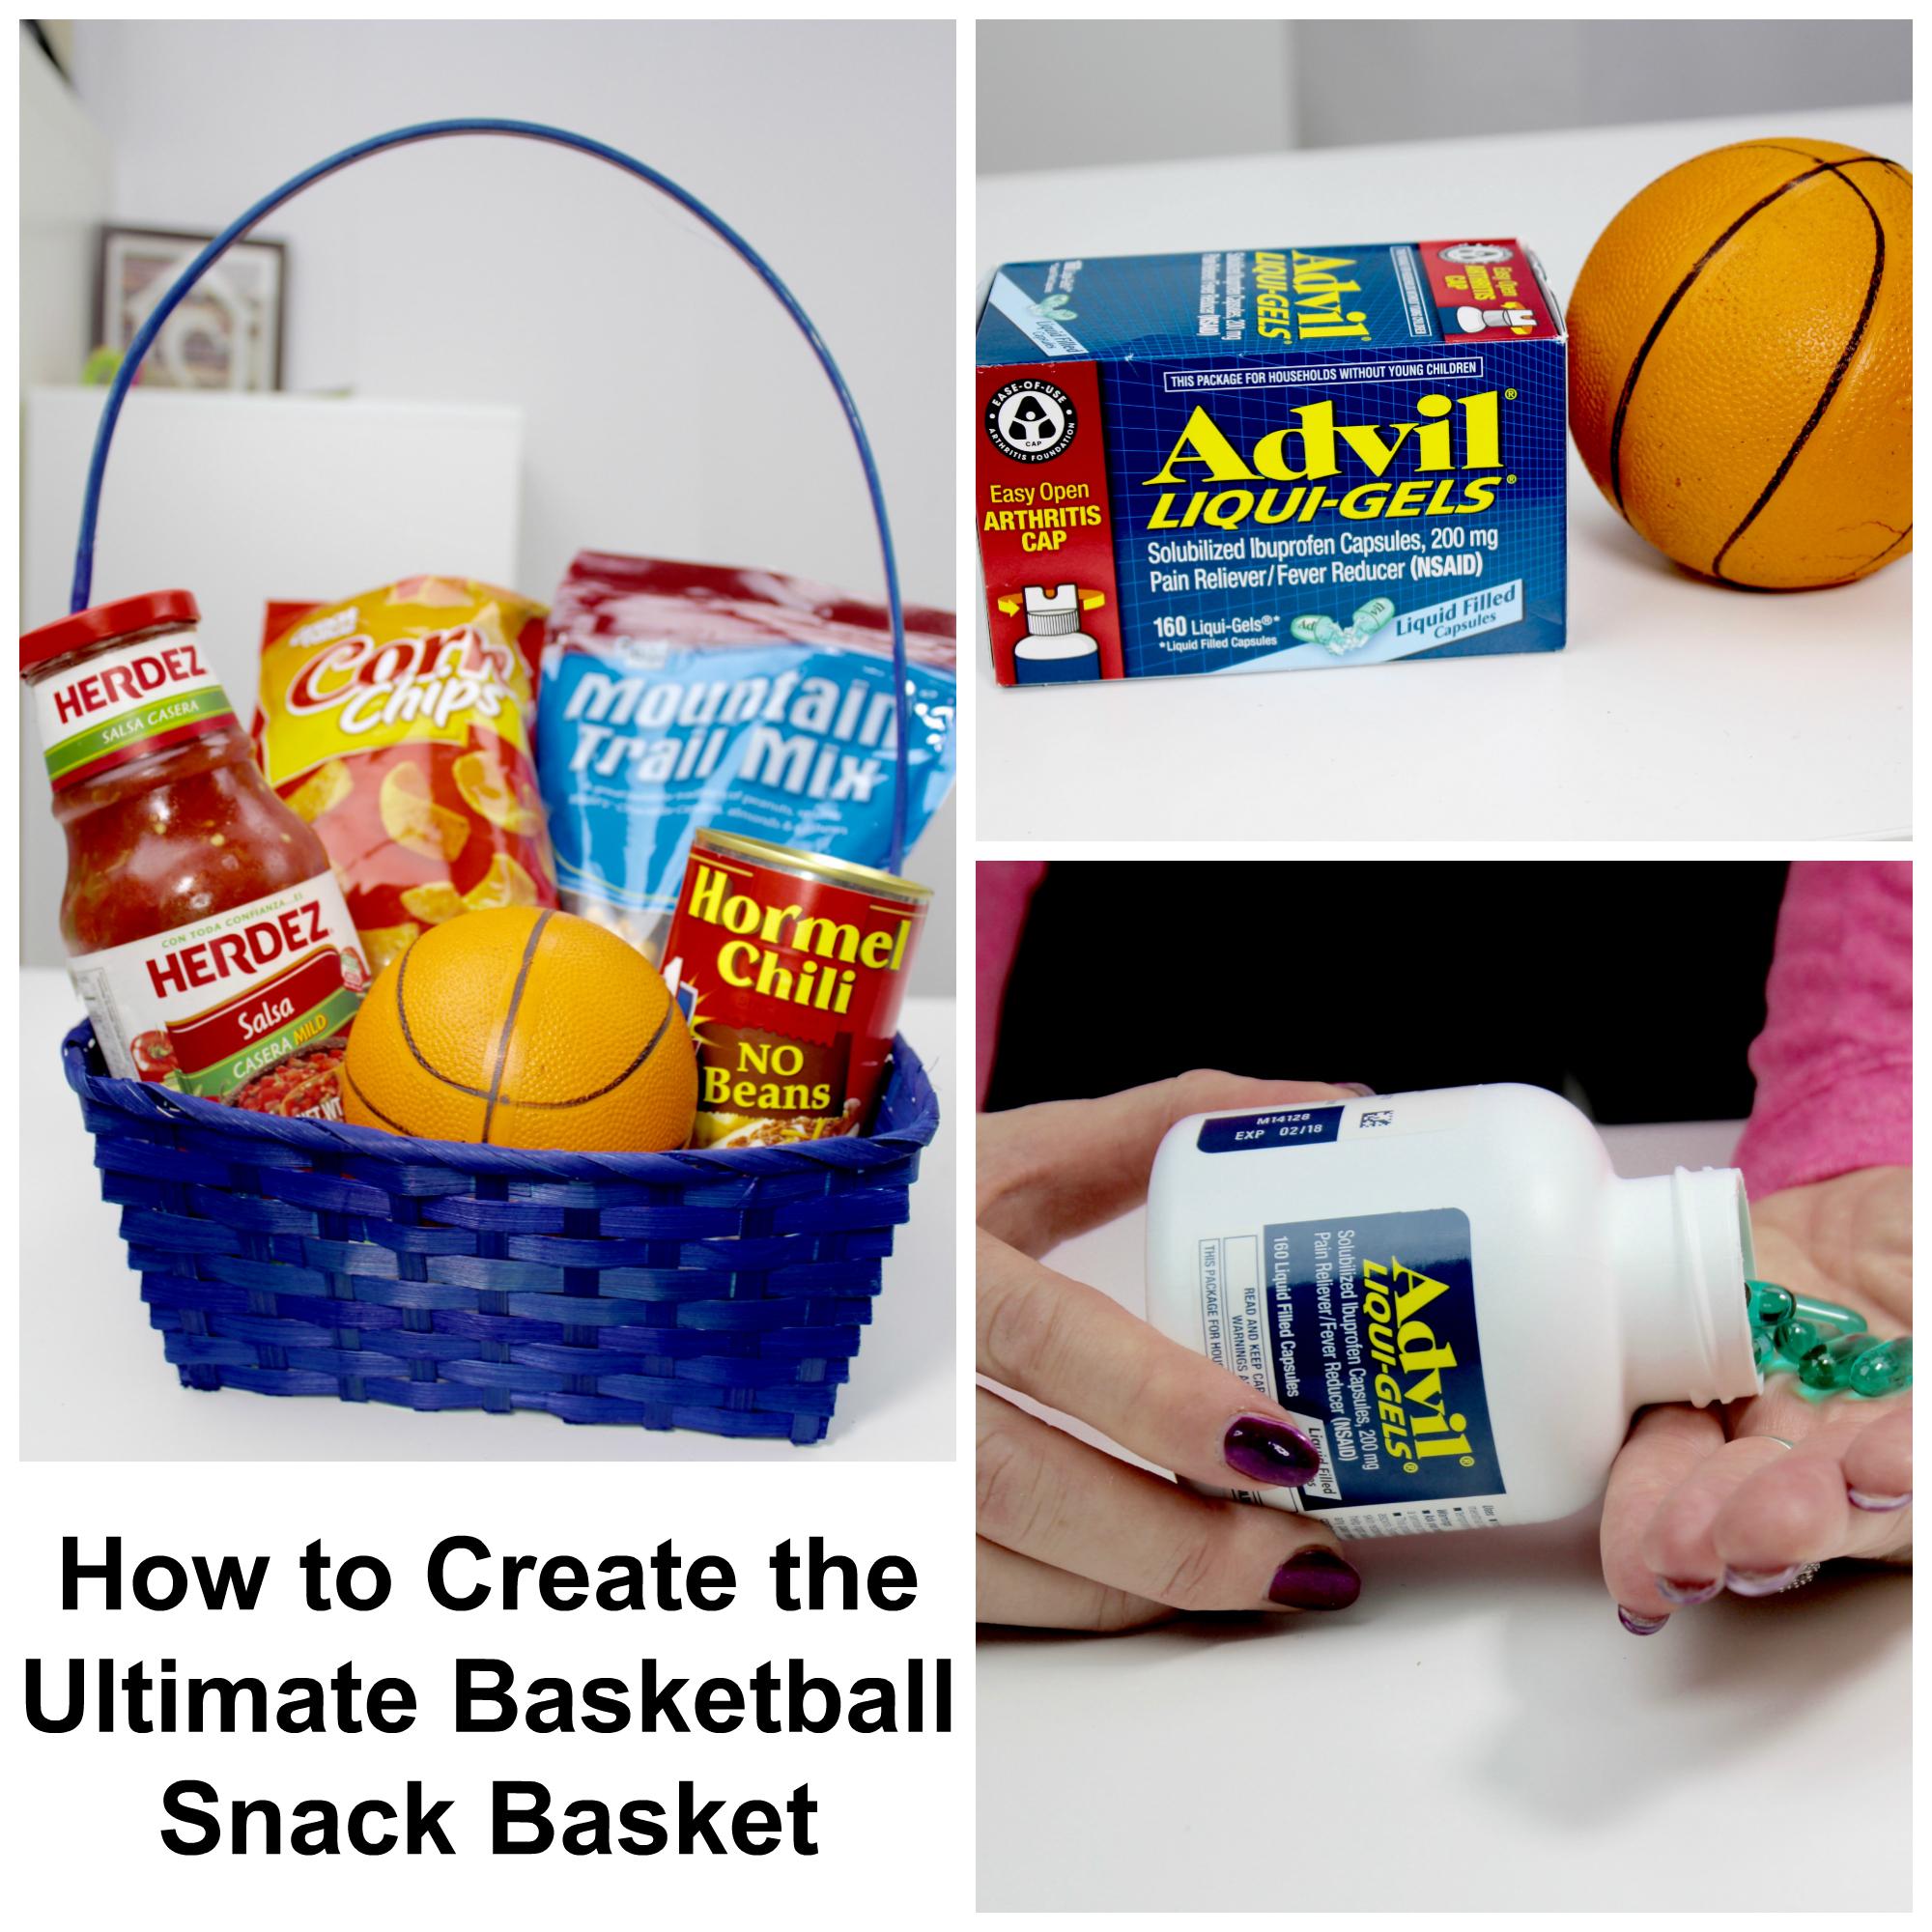 #GameForBasketball #DIY #CollectiveBias #ad